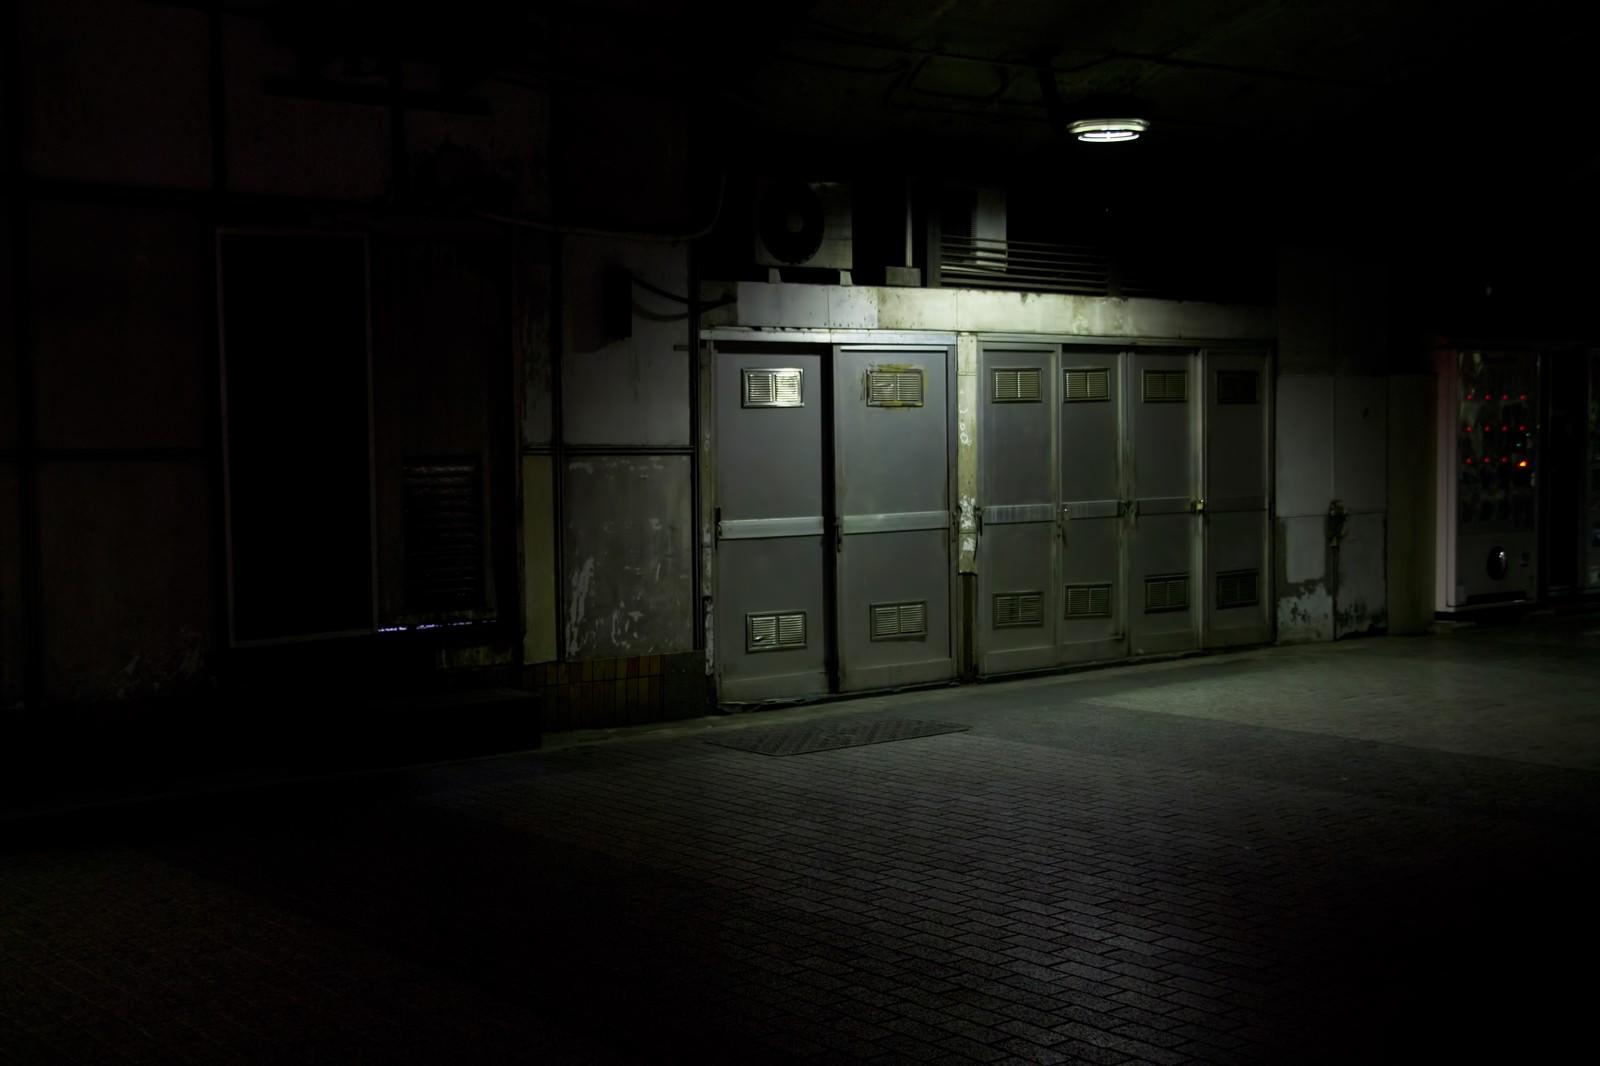 薄暗い通路 無料の写真素材はフリー素材のぱくたそ